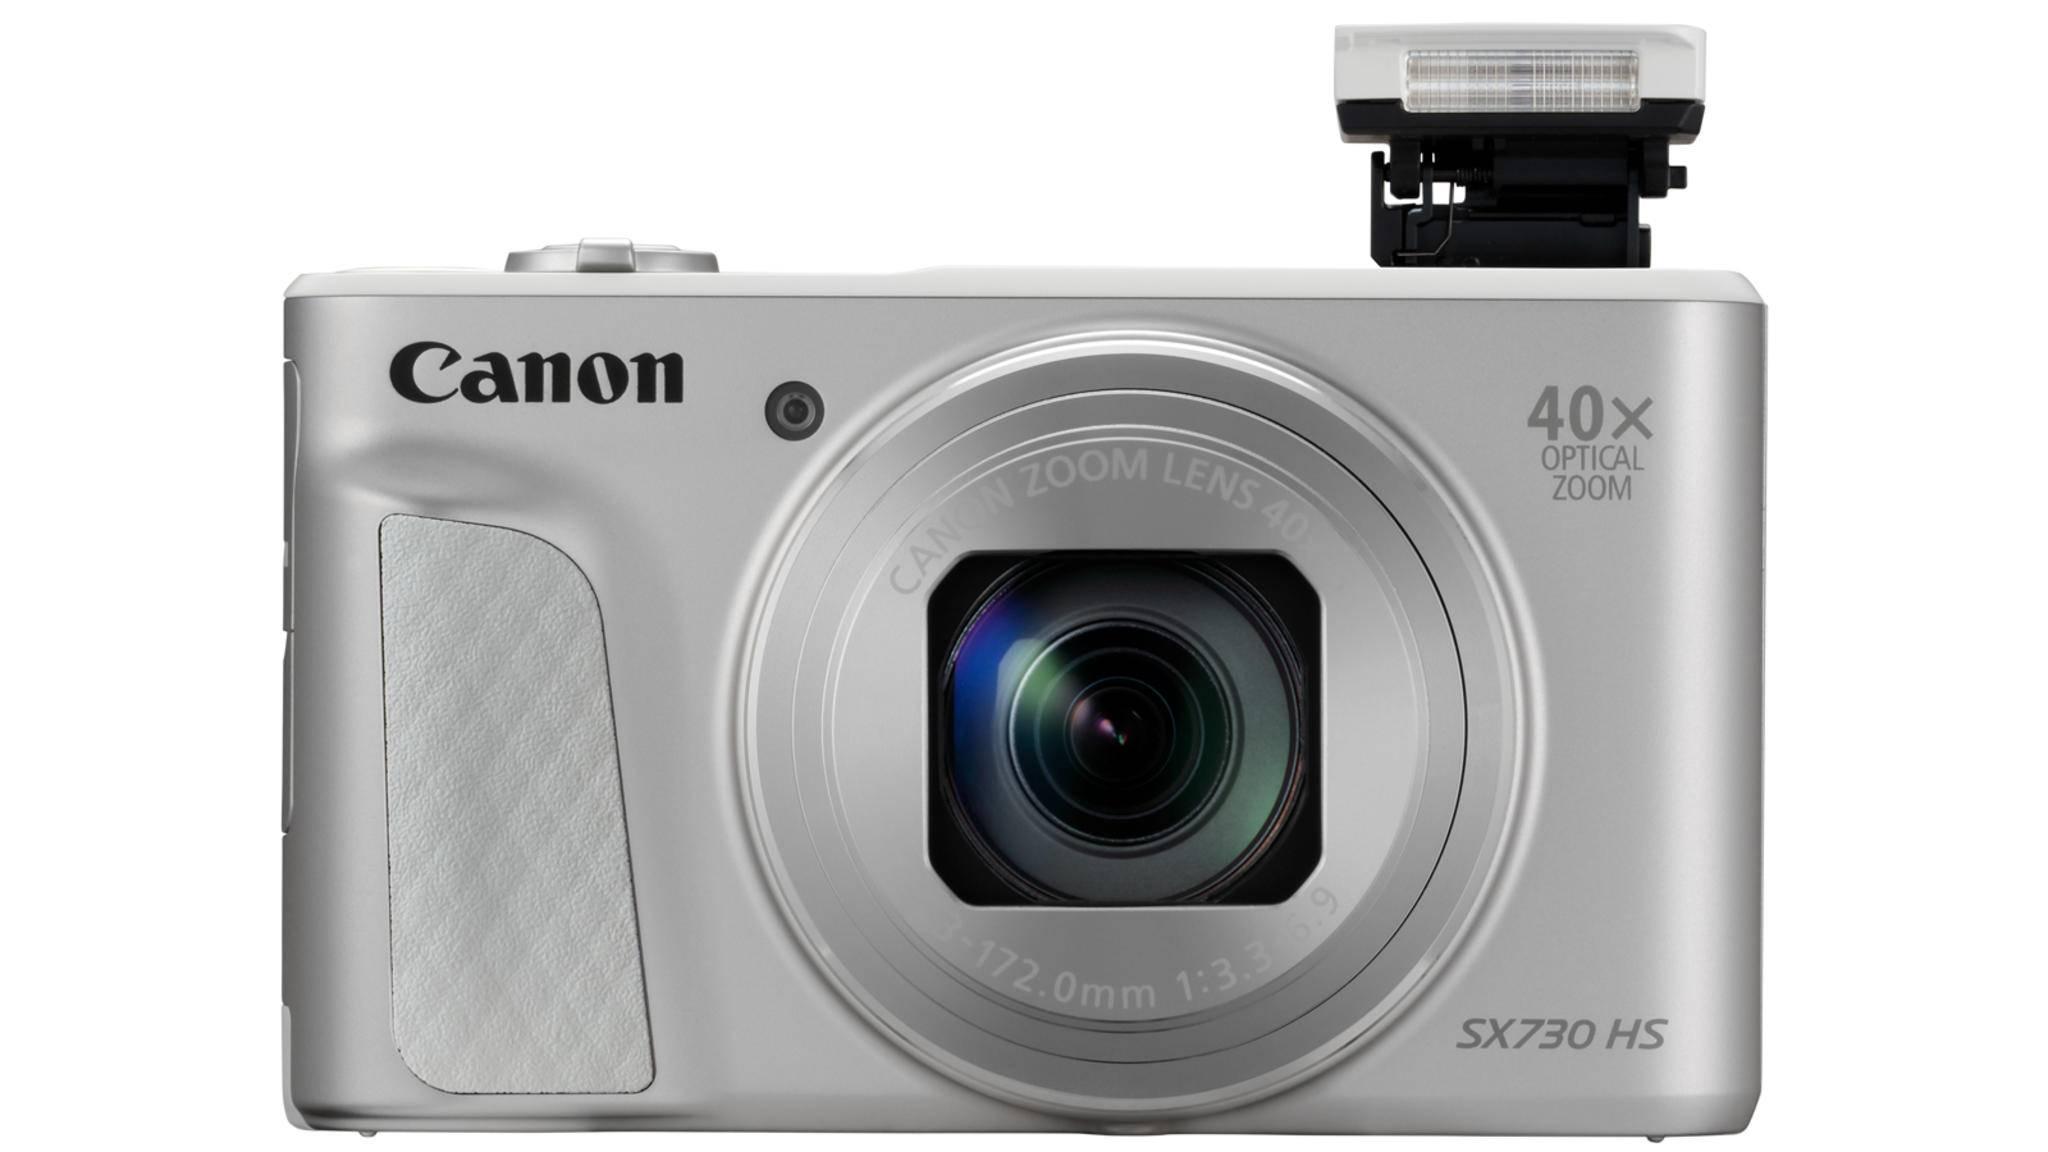 Mit der PowerShot SX730 HS bringt Canon eine Kompaktkamera mit 40-fach optischem Zoom auf den Markt.